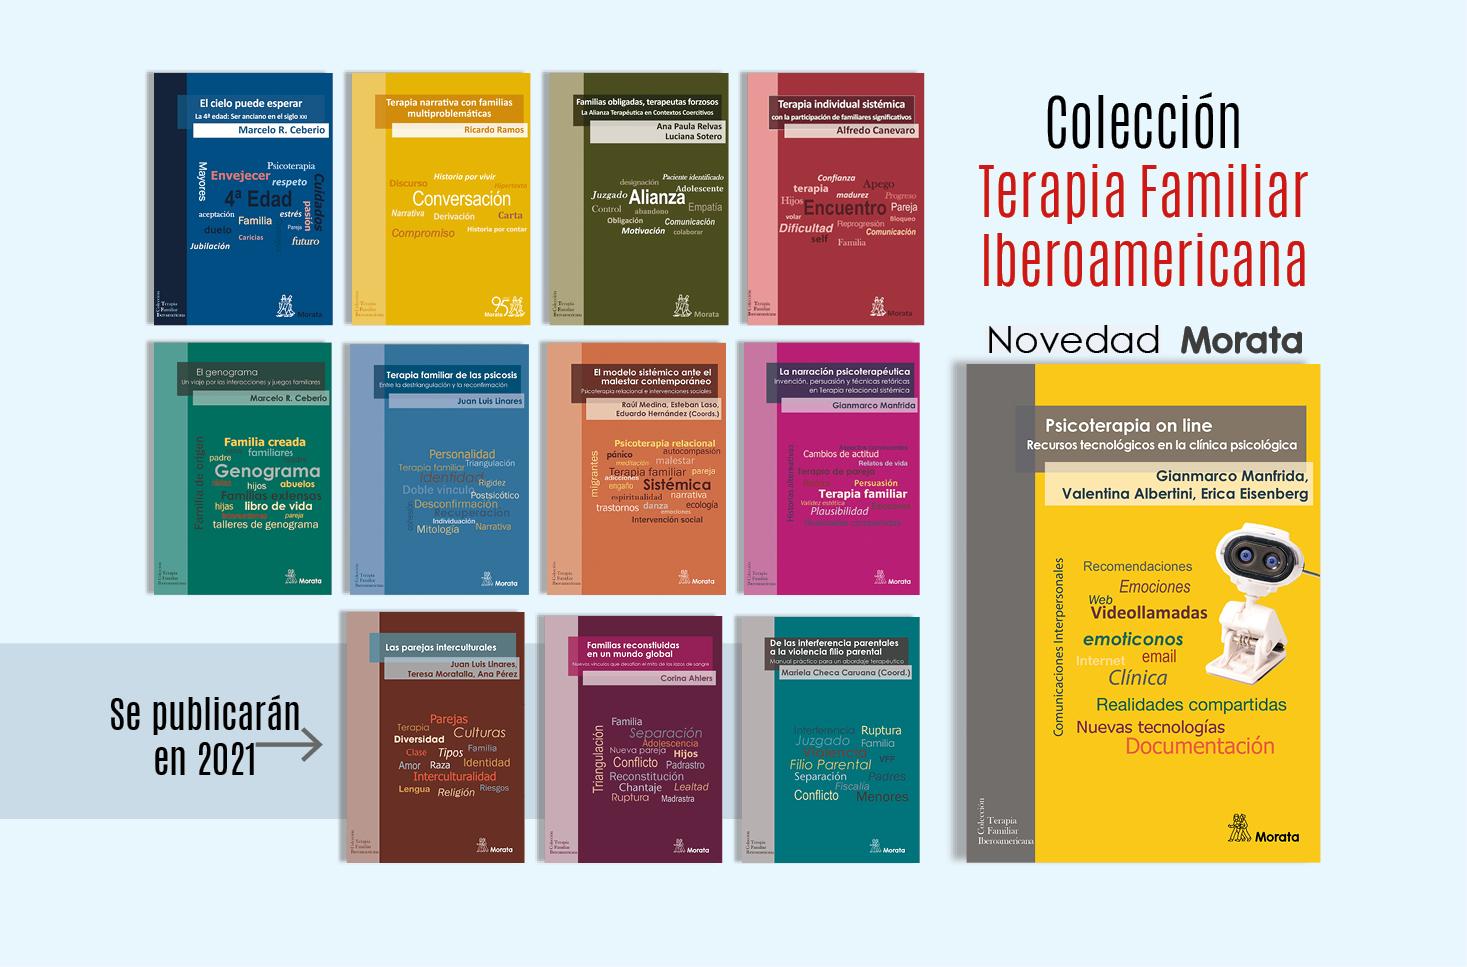 Colección Terapia Familiar iberoamericana